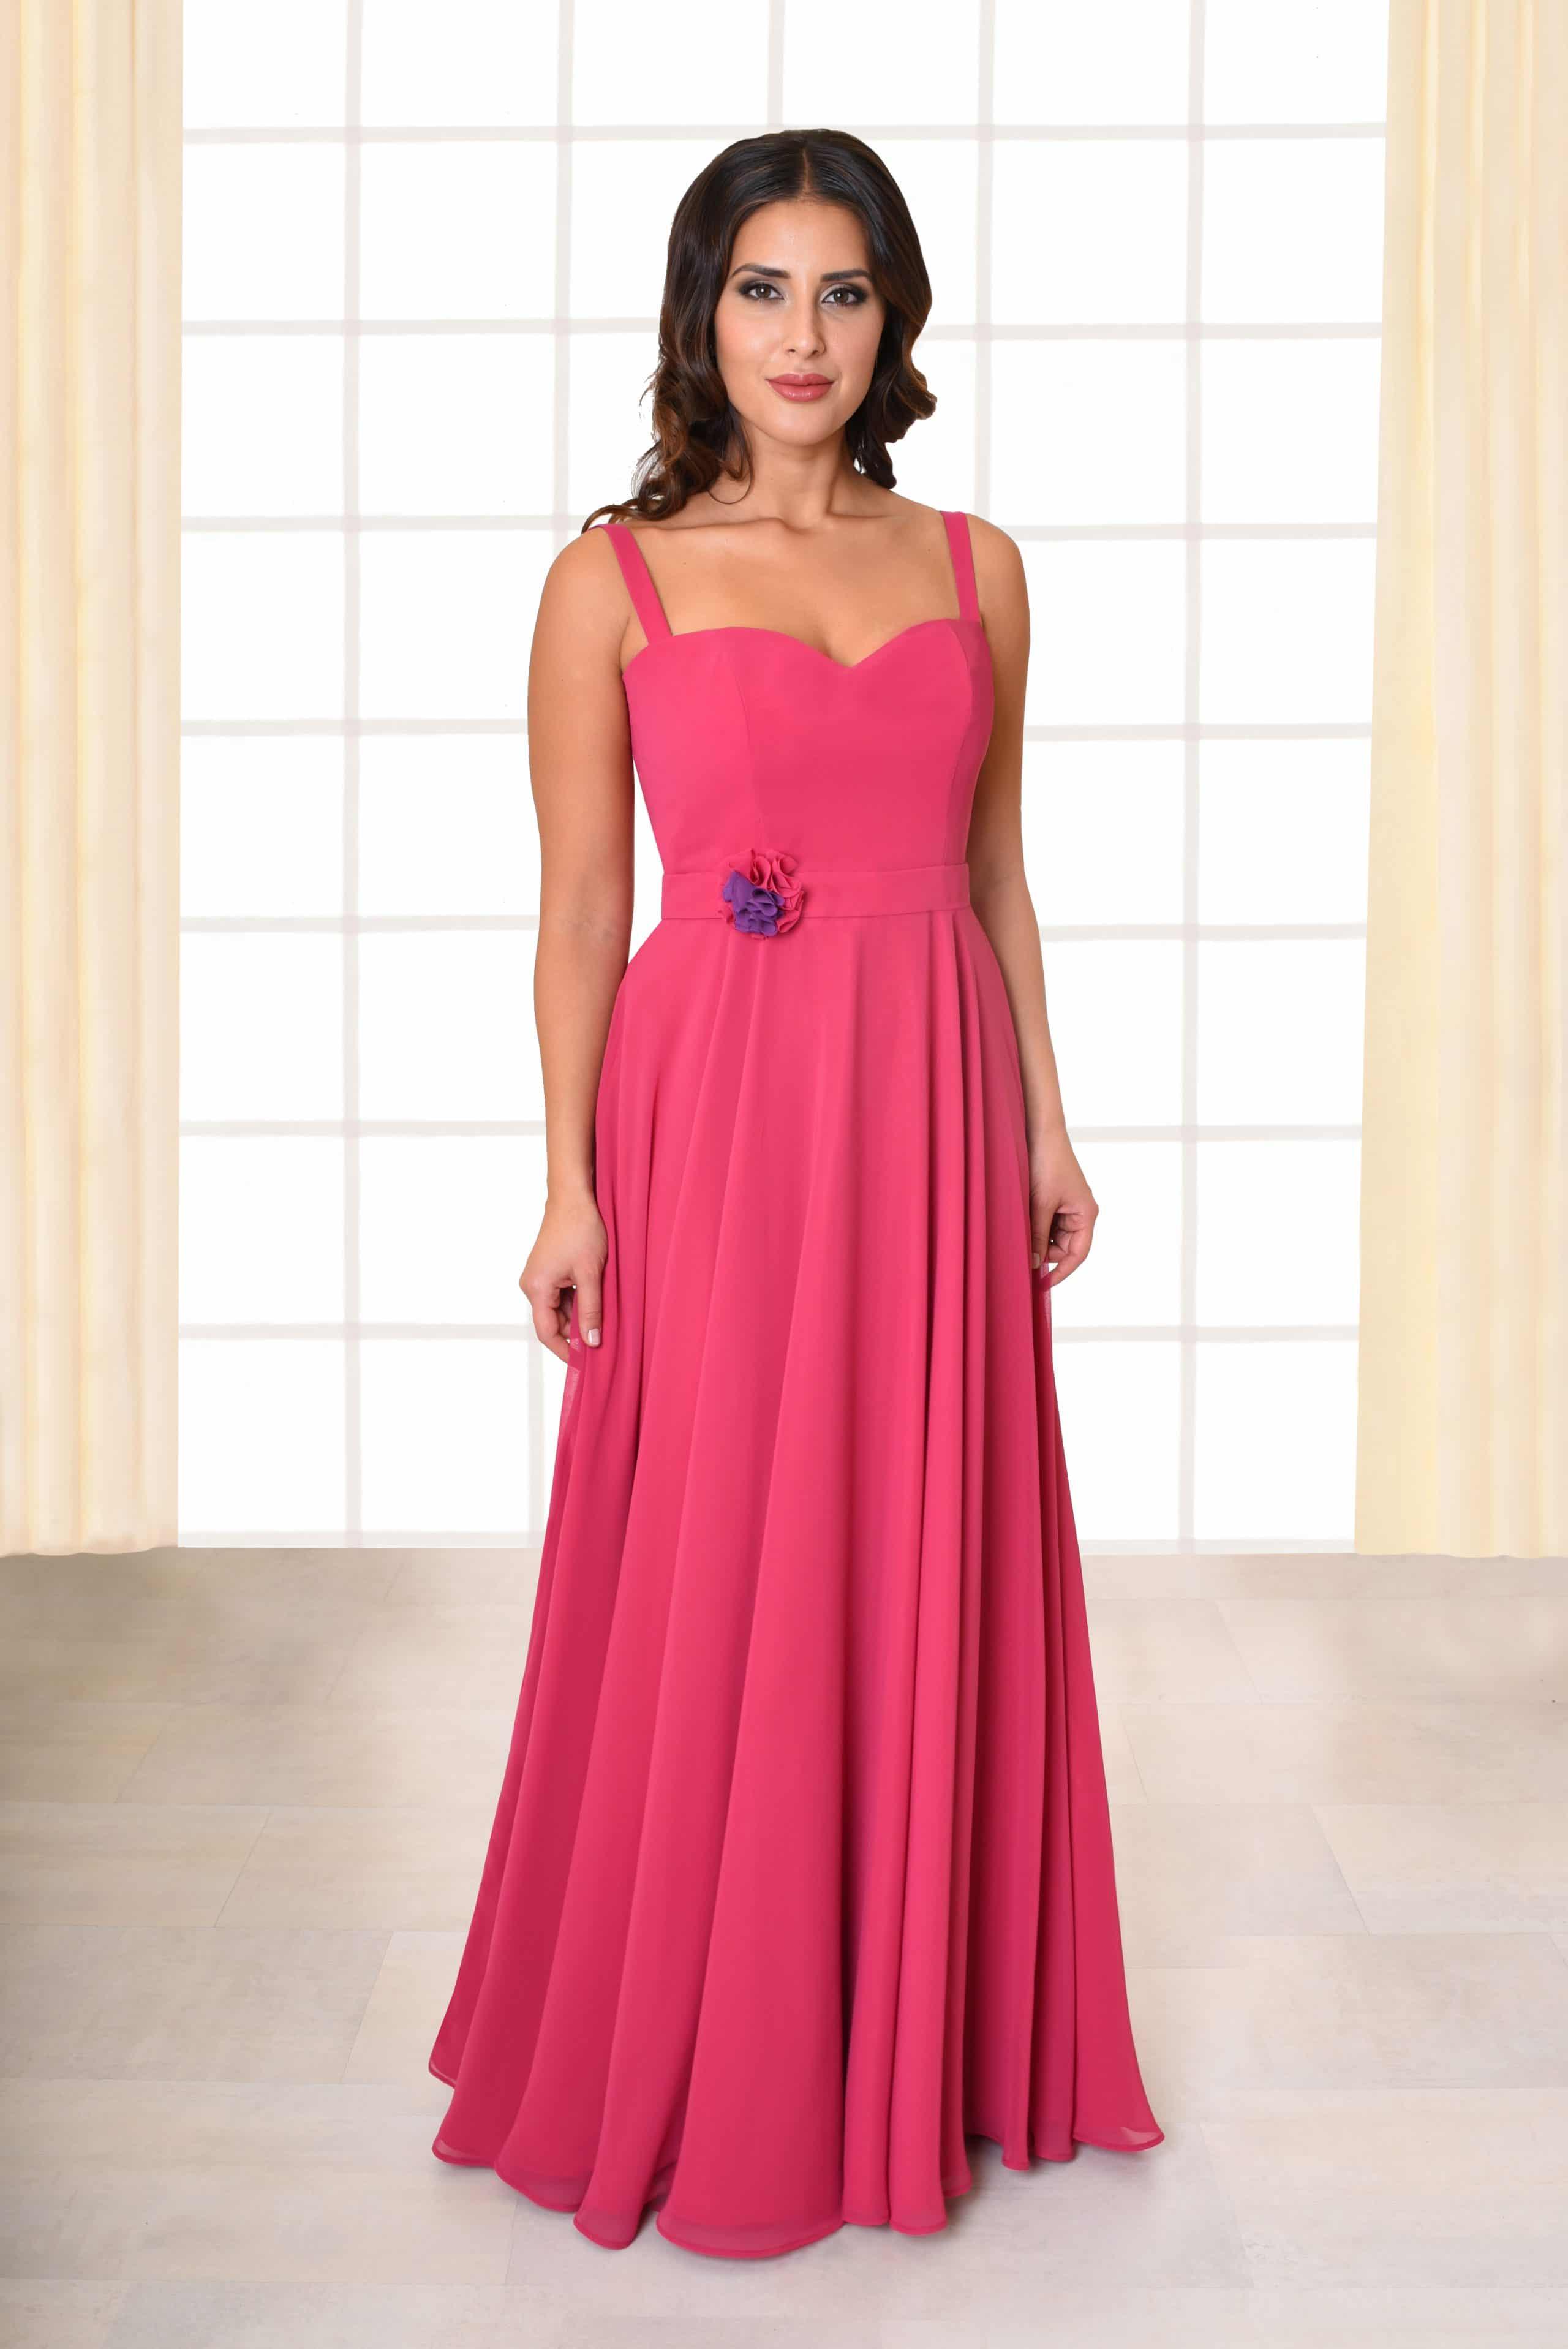 Abendkleid lang Carina pink Gürtel mit Blütenapplikation und schmalen Trägern von vorne